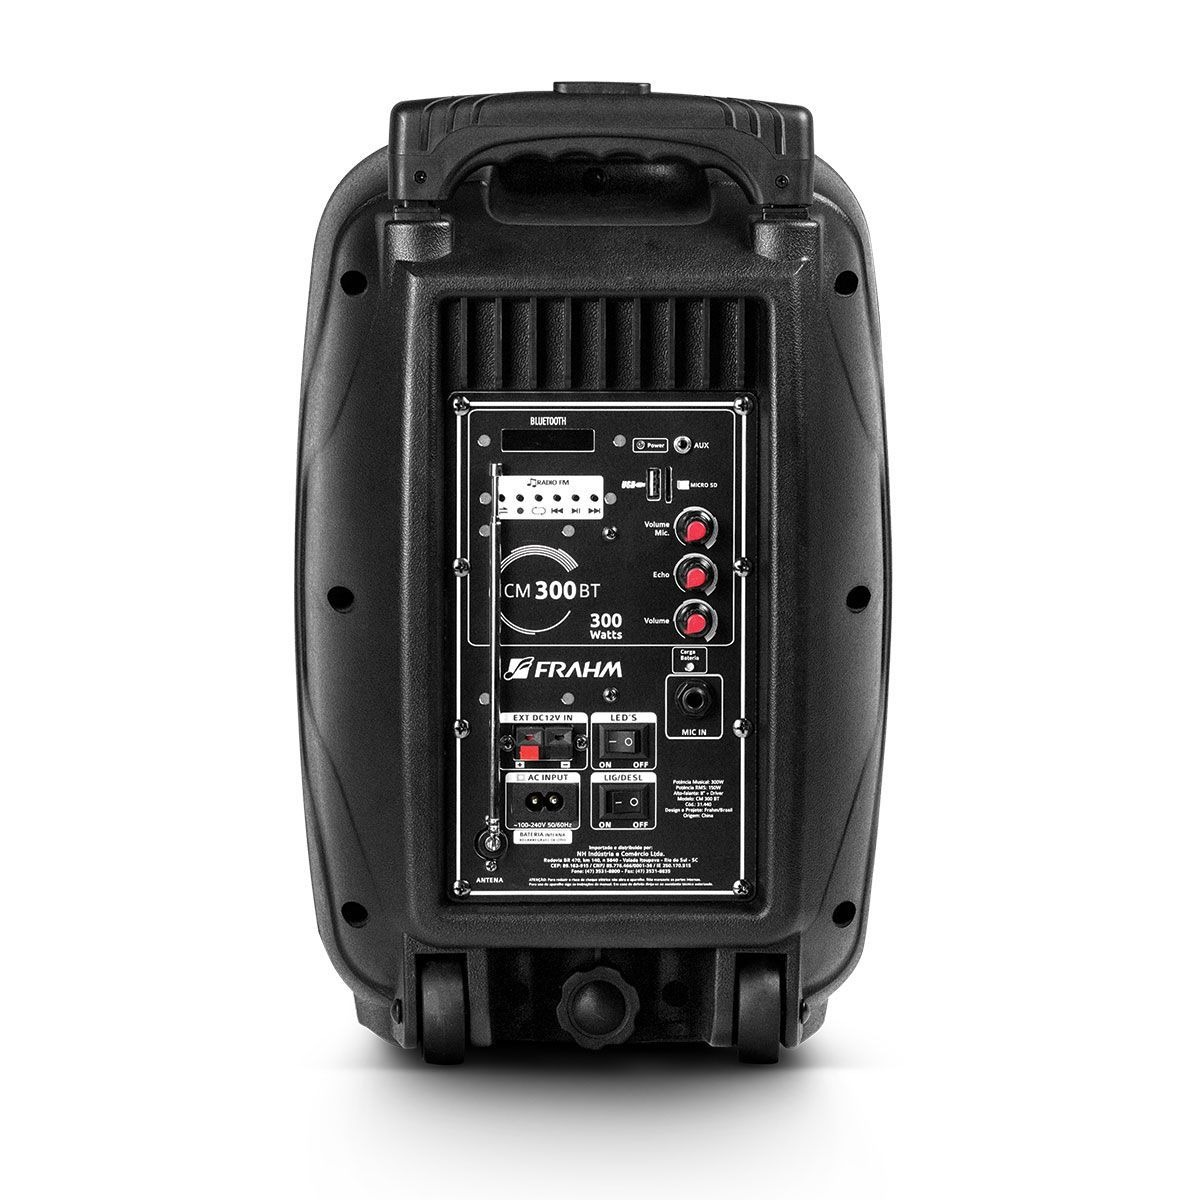 Caixa De Som Amplificada Portátil Frahm Cm300bt Bluetooth